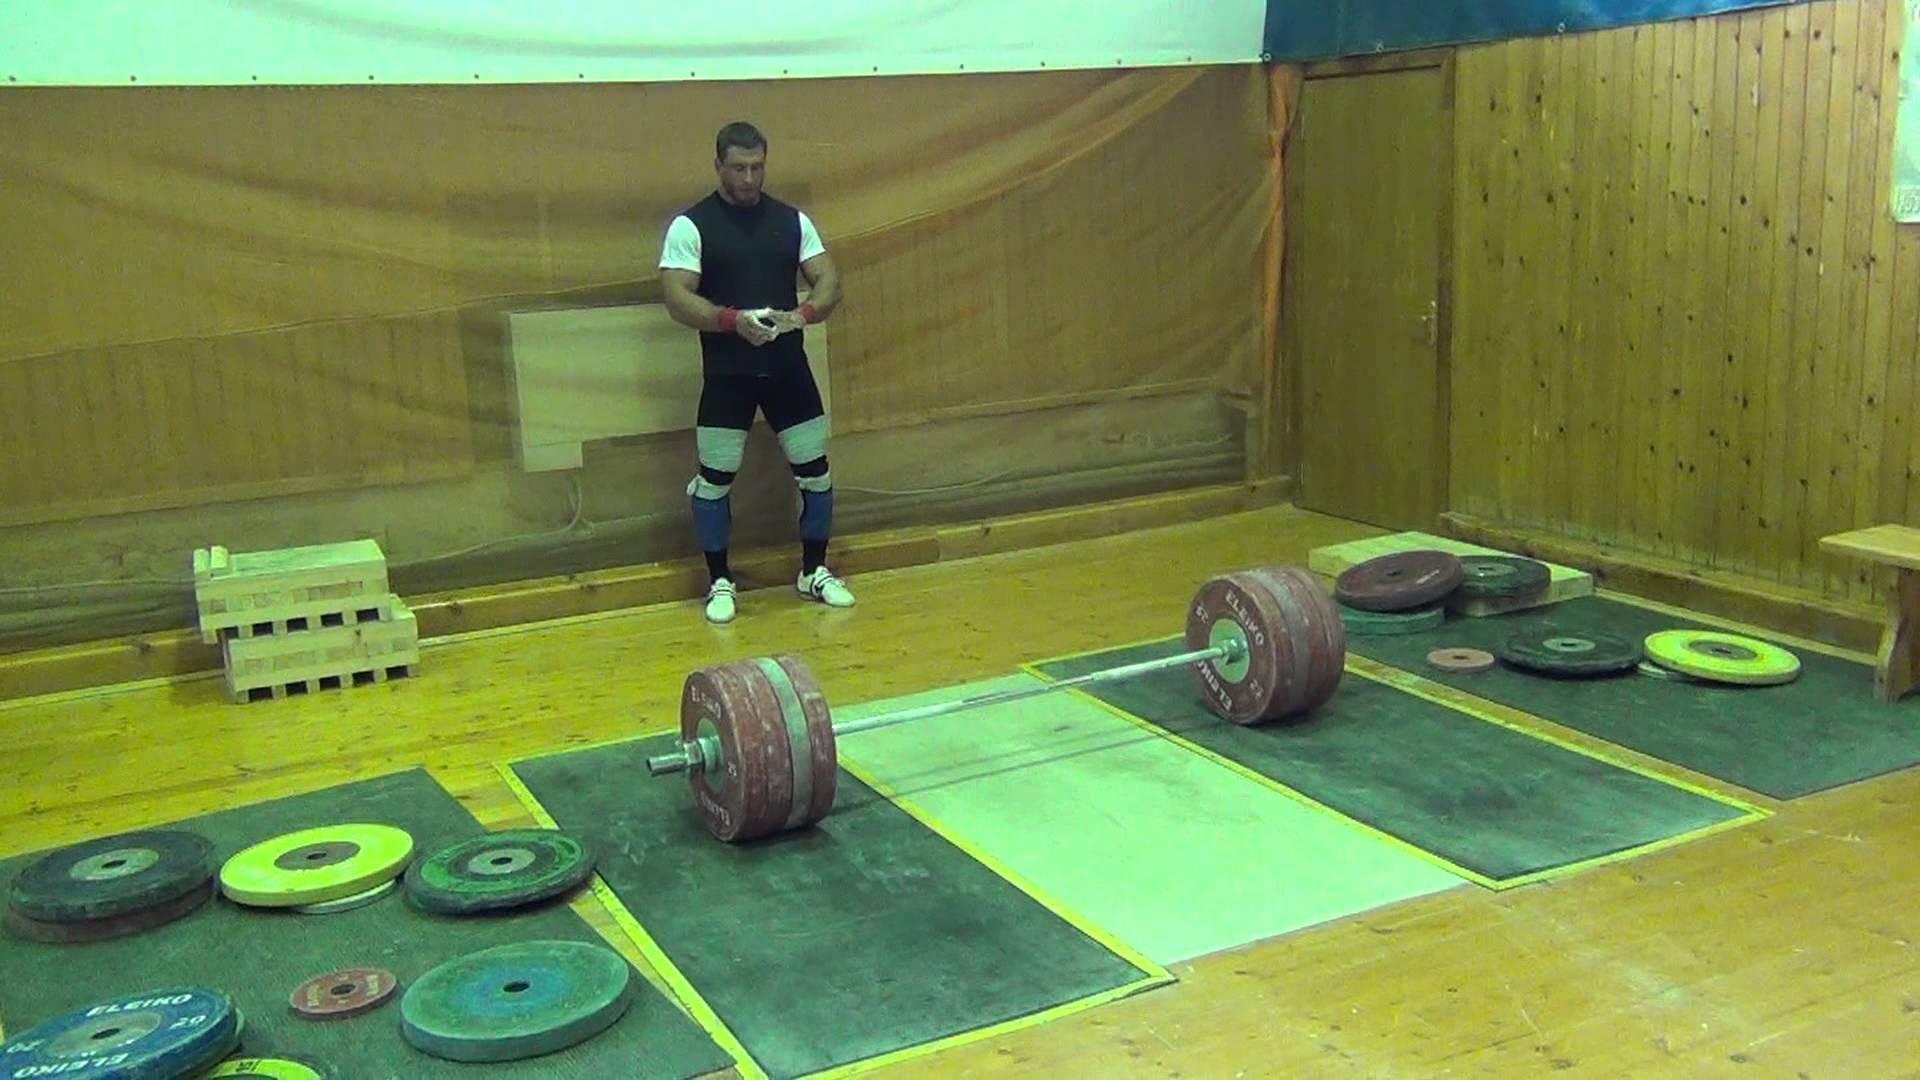 Dmitry Klokov 225kg Clean & Jerk - All Things Gym